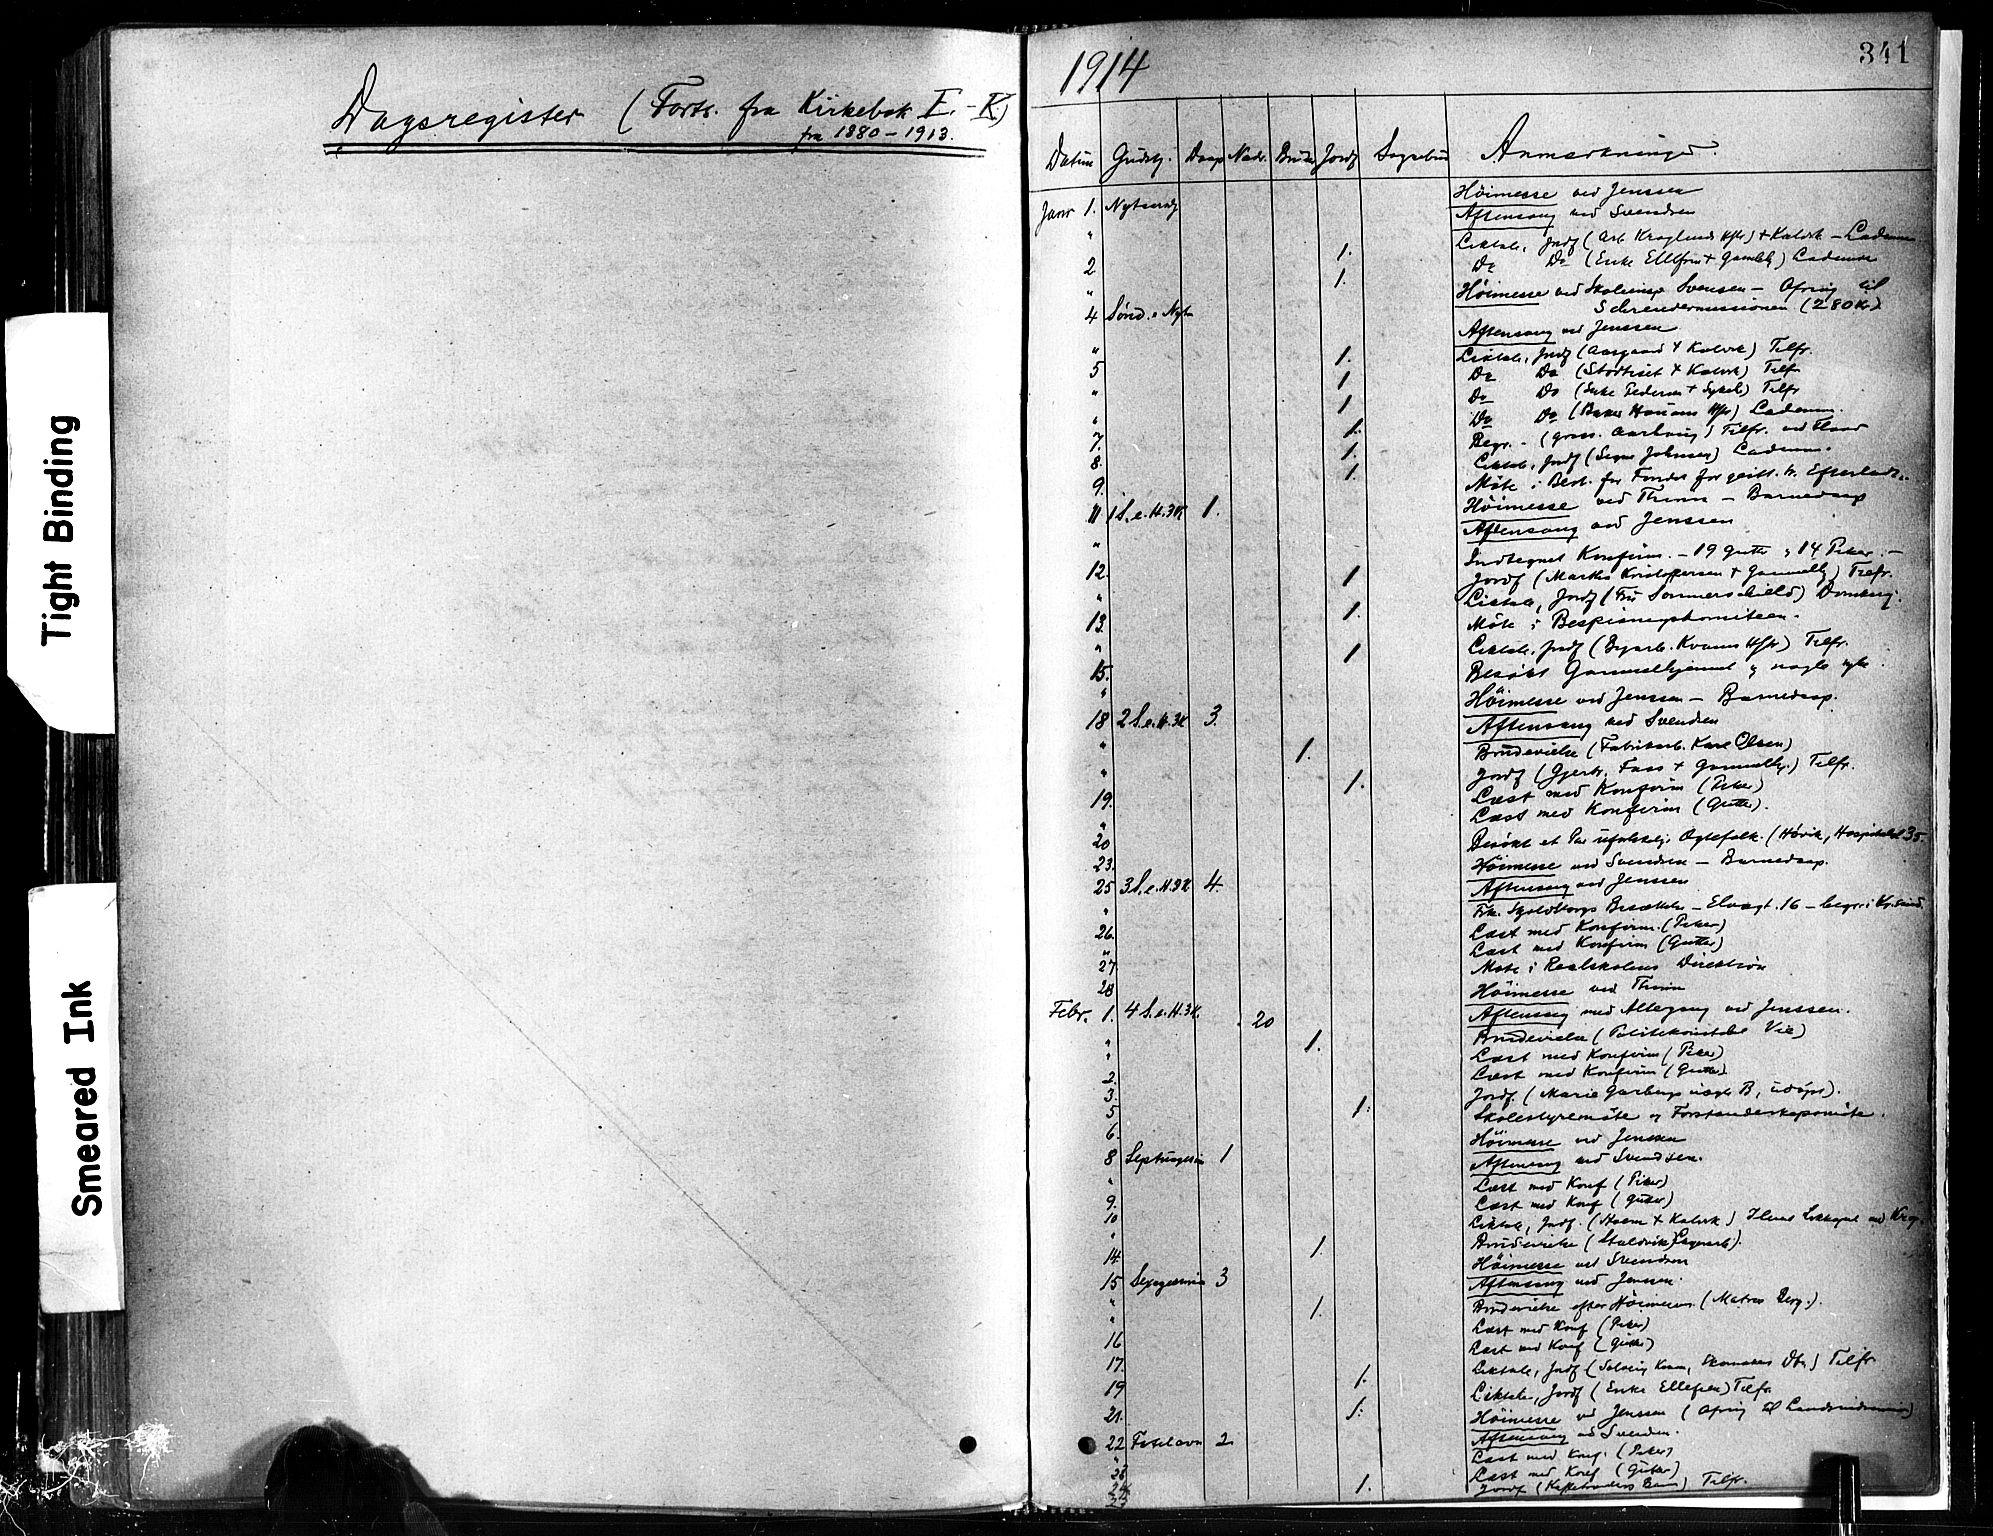 SAT, Ministerialprotokoller, klokkerbøker og fødselsregistre - Sør-Trøndelag, 602/L0119: Ministerialbok nr. 602A17, 1880-1901, s. 341